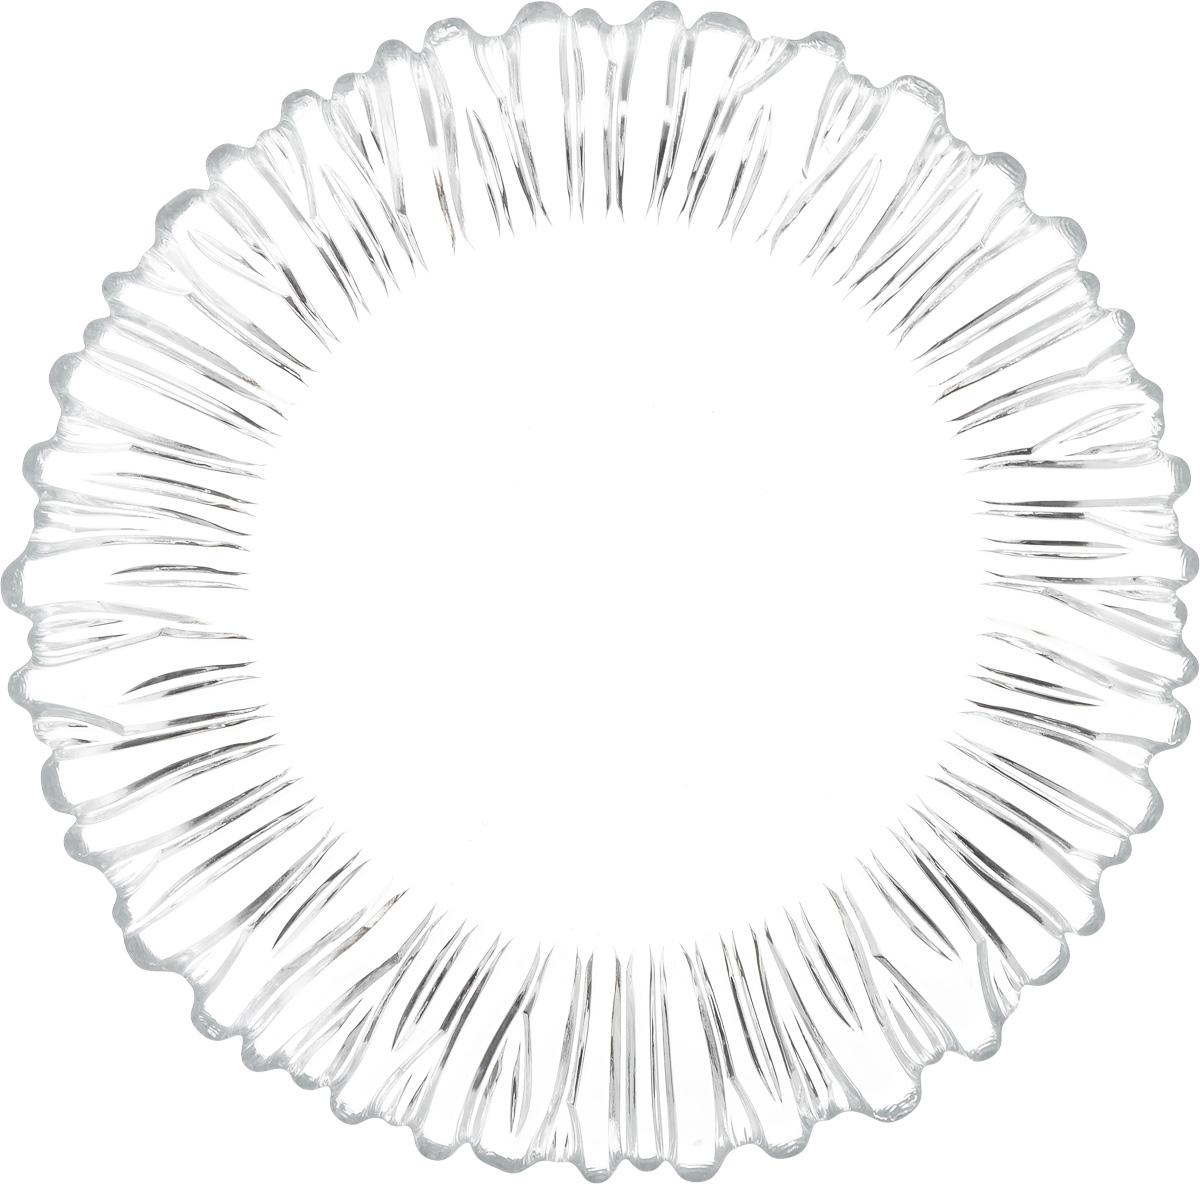 Блюдо Pasabahce Аврора, диаметр 31,5 см10499SLBБлюдо Pasabahce Аврора изготовлено из качественного натрий-кальций-силикатного стекла, которое отличается прочностью и износостойкостью. Изделие дополнено изысканным рельефом. Отлично подходит для сервировки десертов, закусок, нарезок и многого другого. Такое блюдо изысканно дополнит сервировку стола.